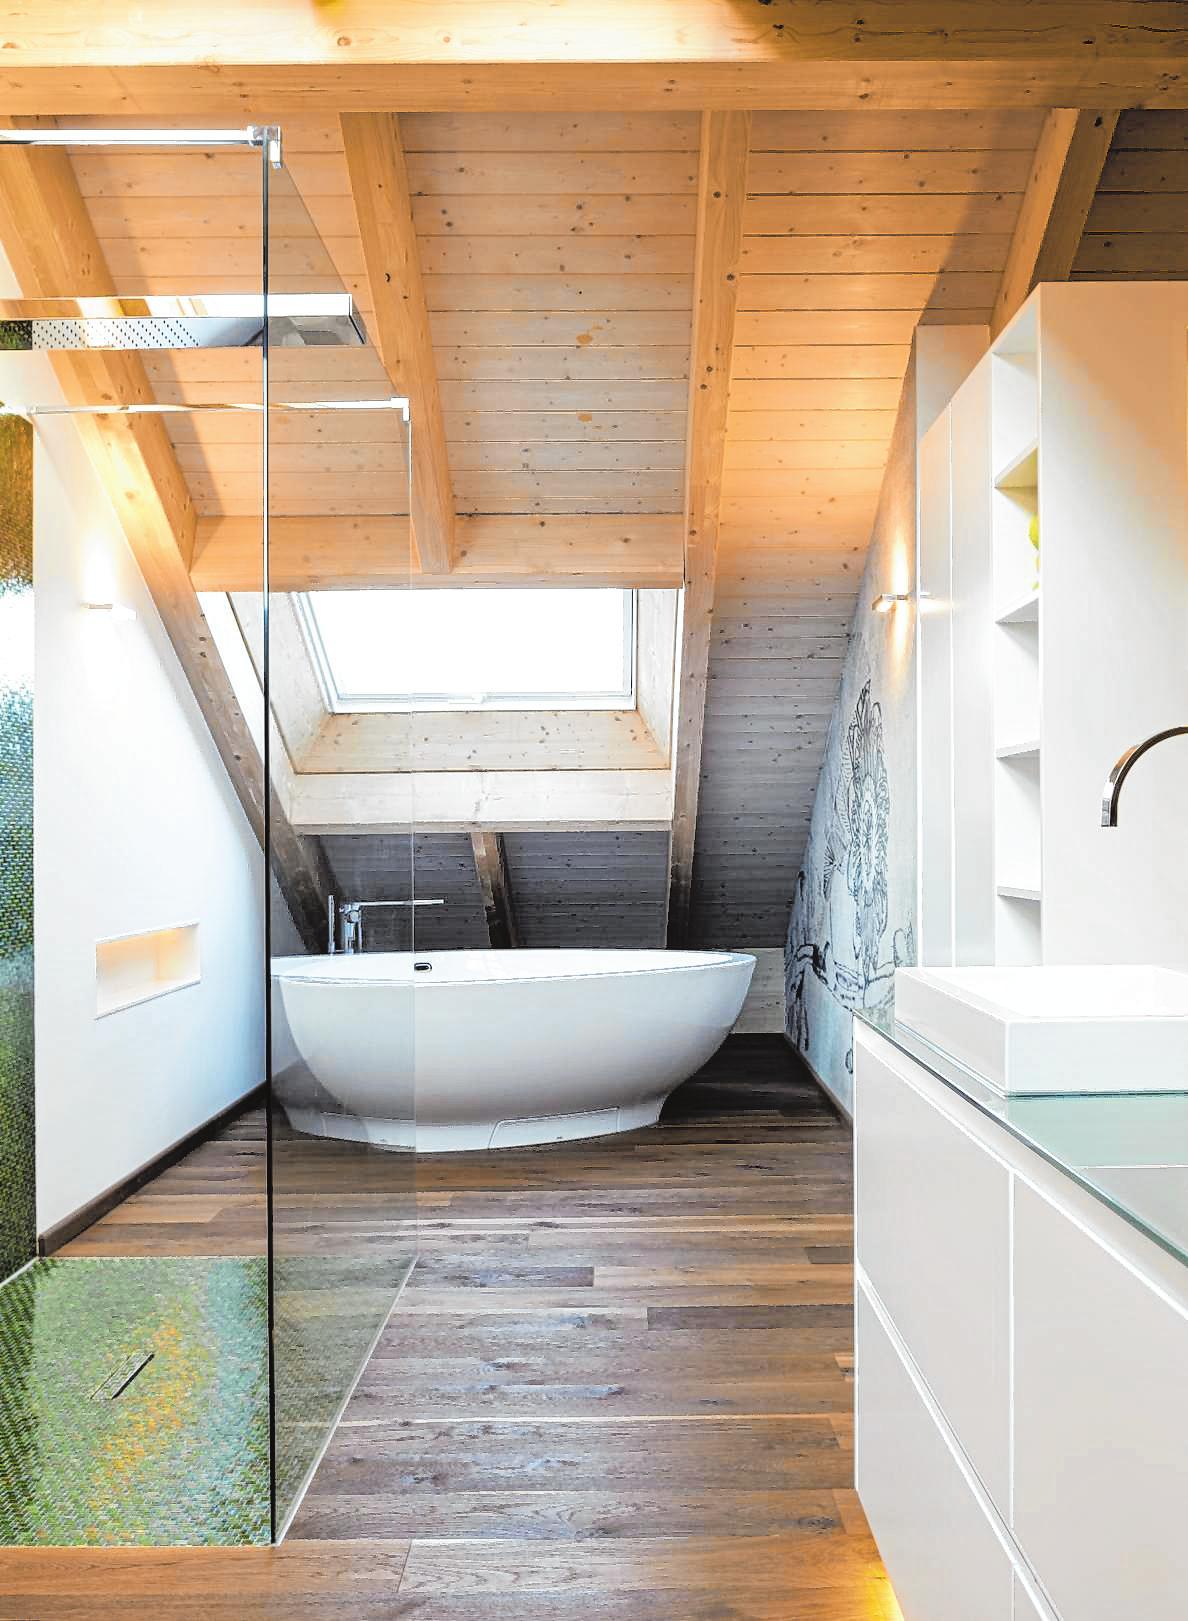 Steht die Badewanne mitten im Raum, braucht sie extra Wasserzu- und -abläufe im Boden. BILD: DPA